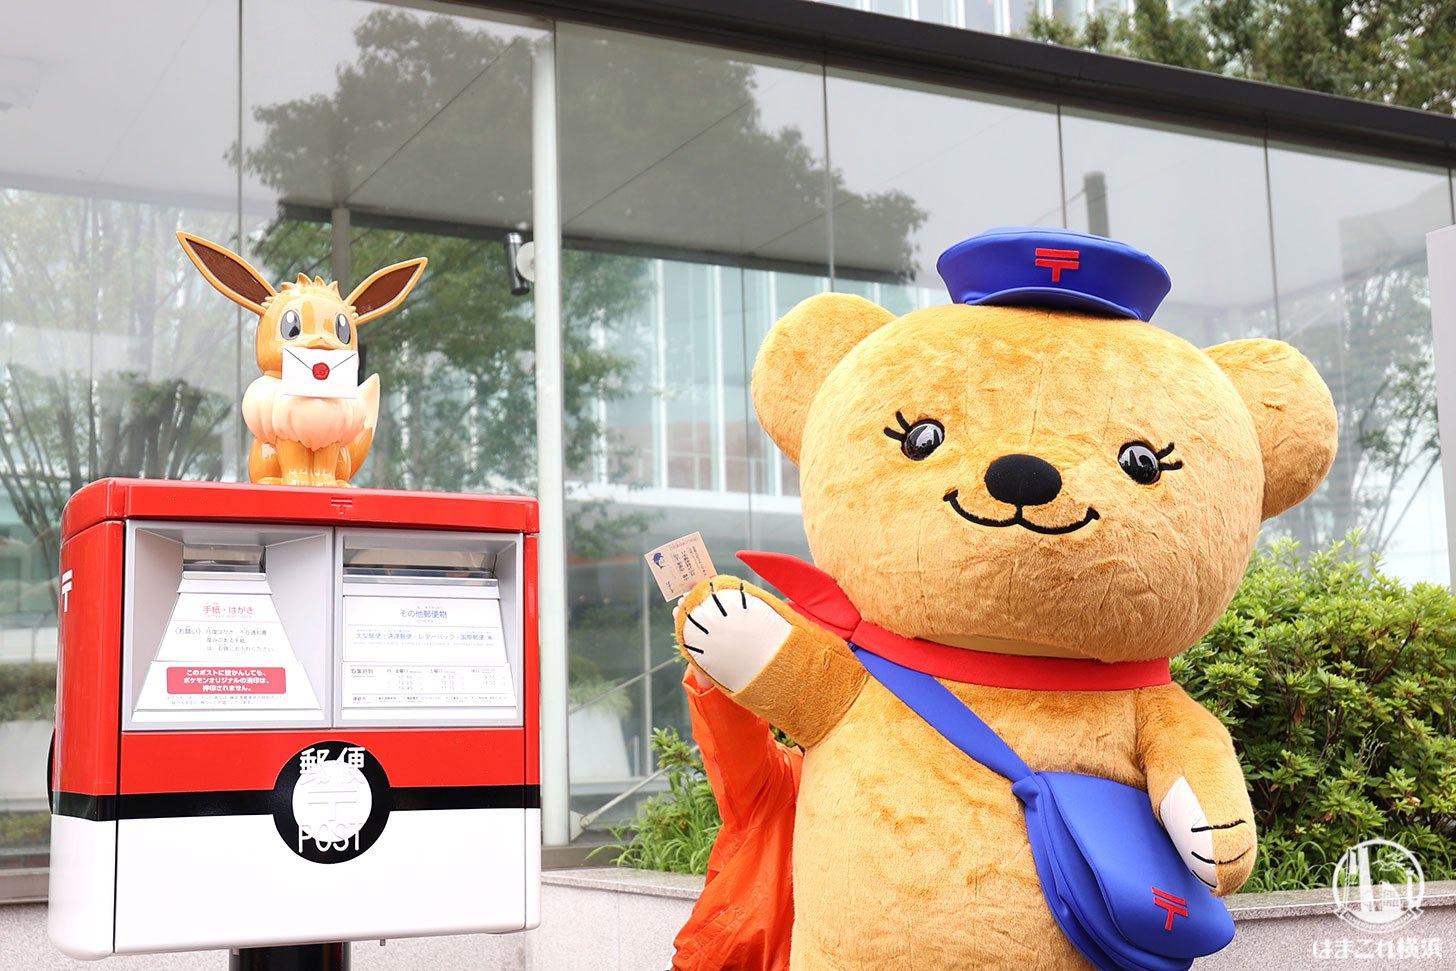 横浜市役所前 ポケモンポスト ぽすくまによる投函